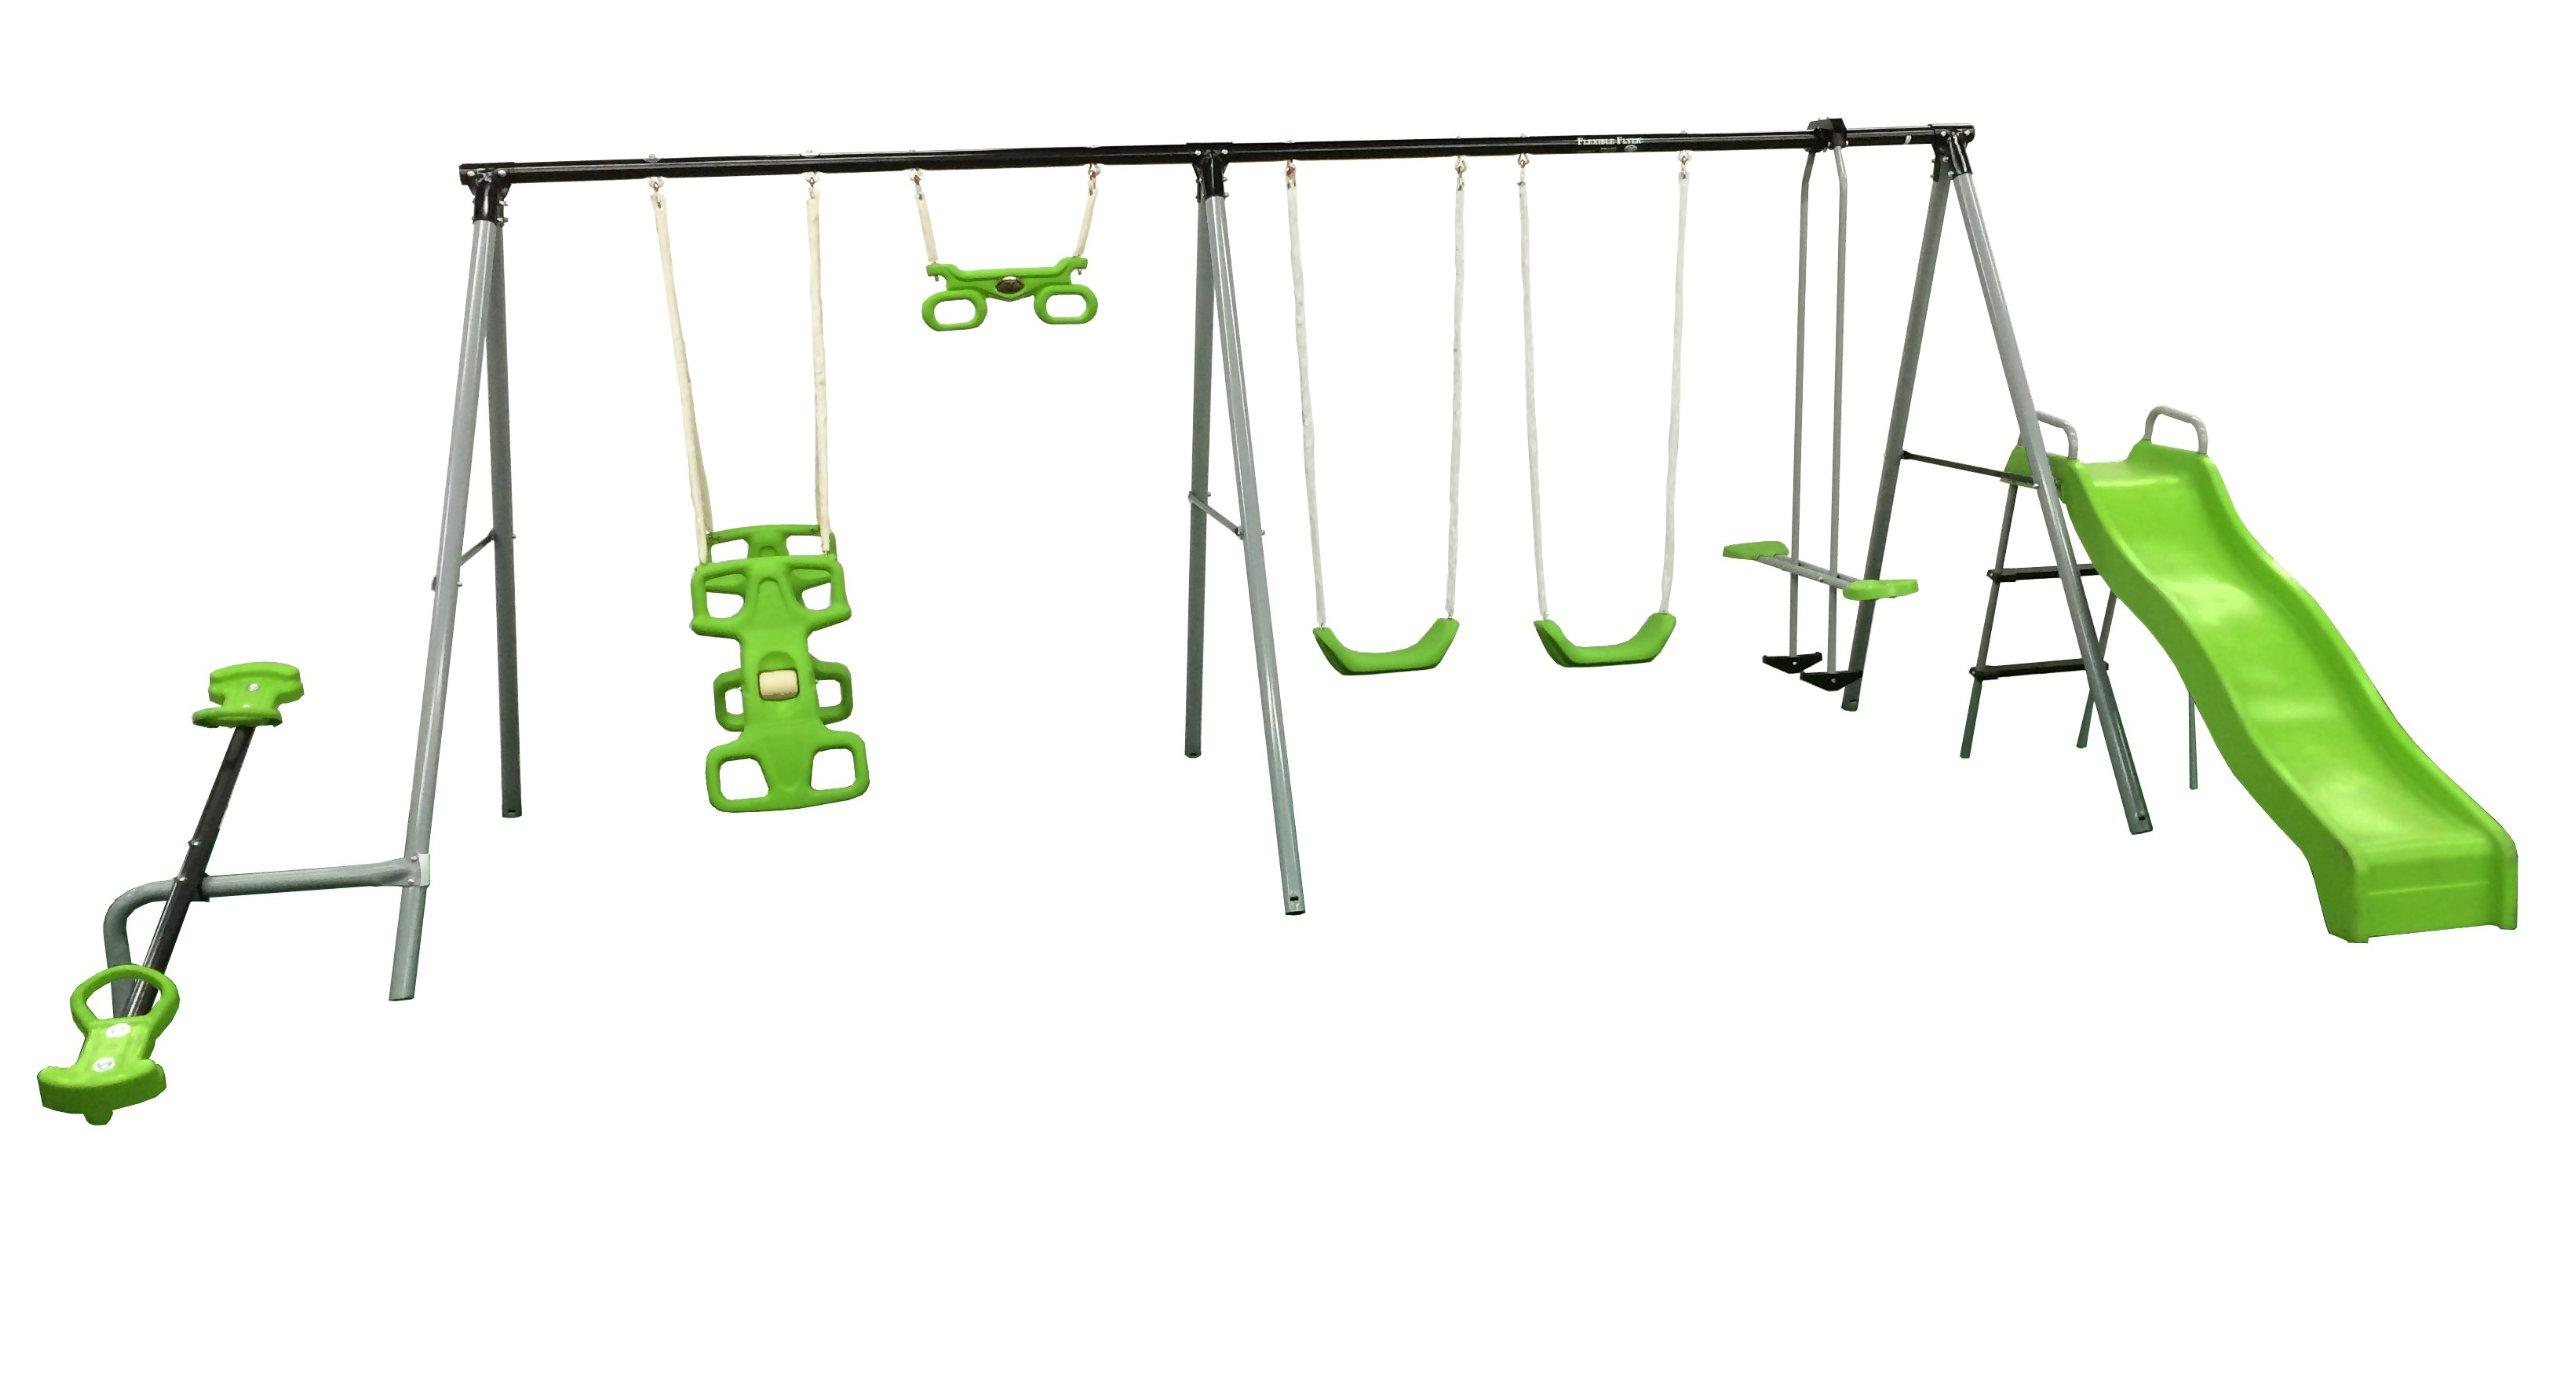 Flexible Flyer ''World Of Fun'' Swing Set by Flexible Flyer